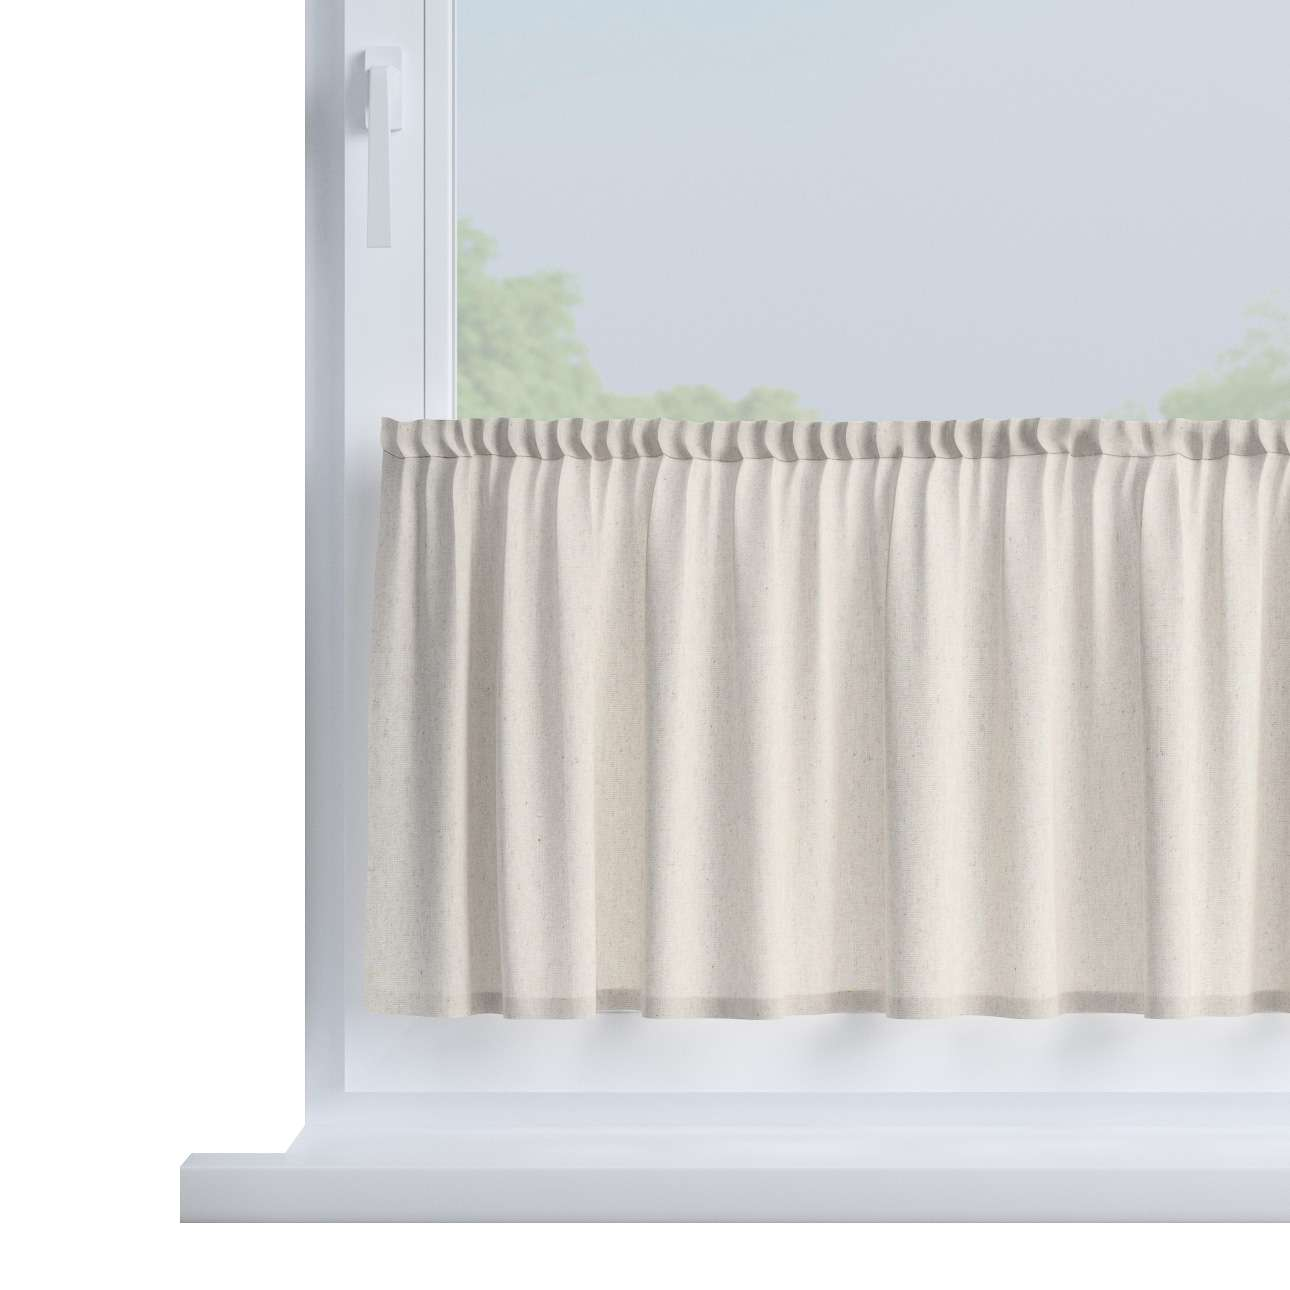 Vitrážka jednoduchá, metráž V kolekcii Loneta, tkanina: 133-65